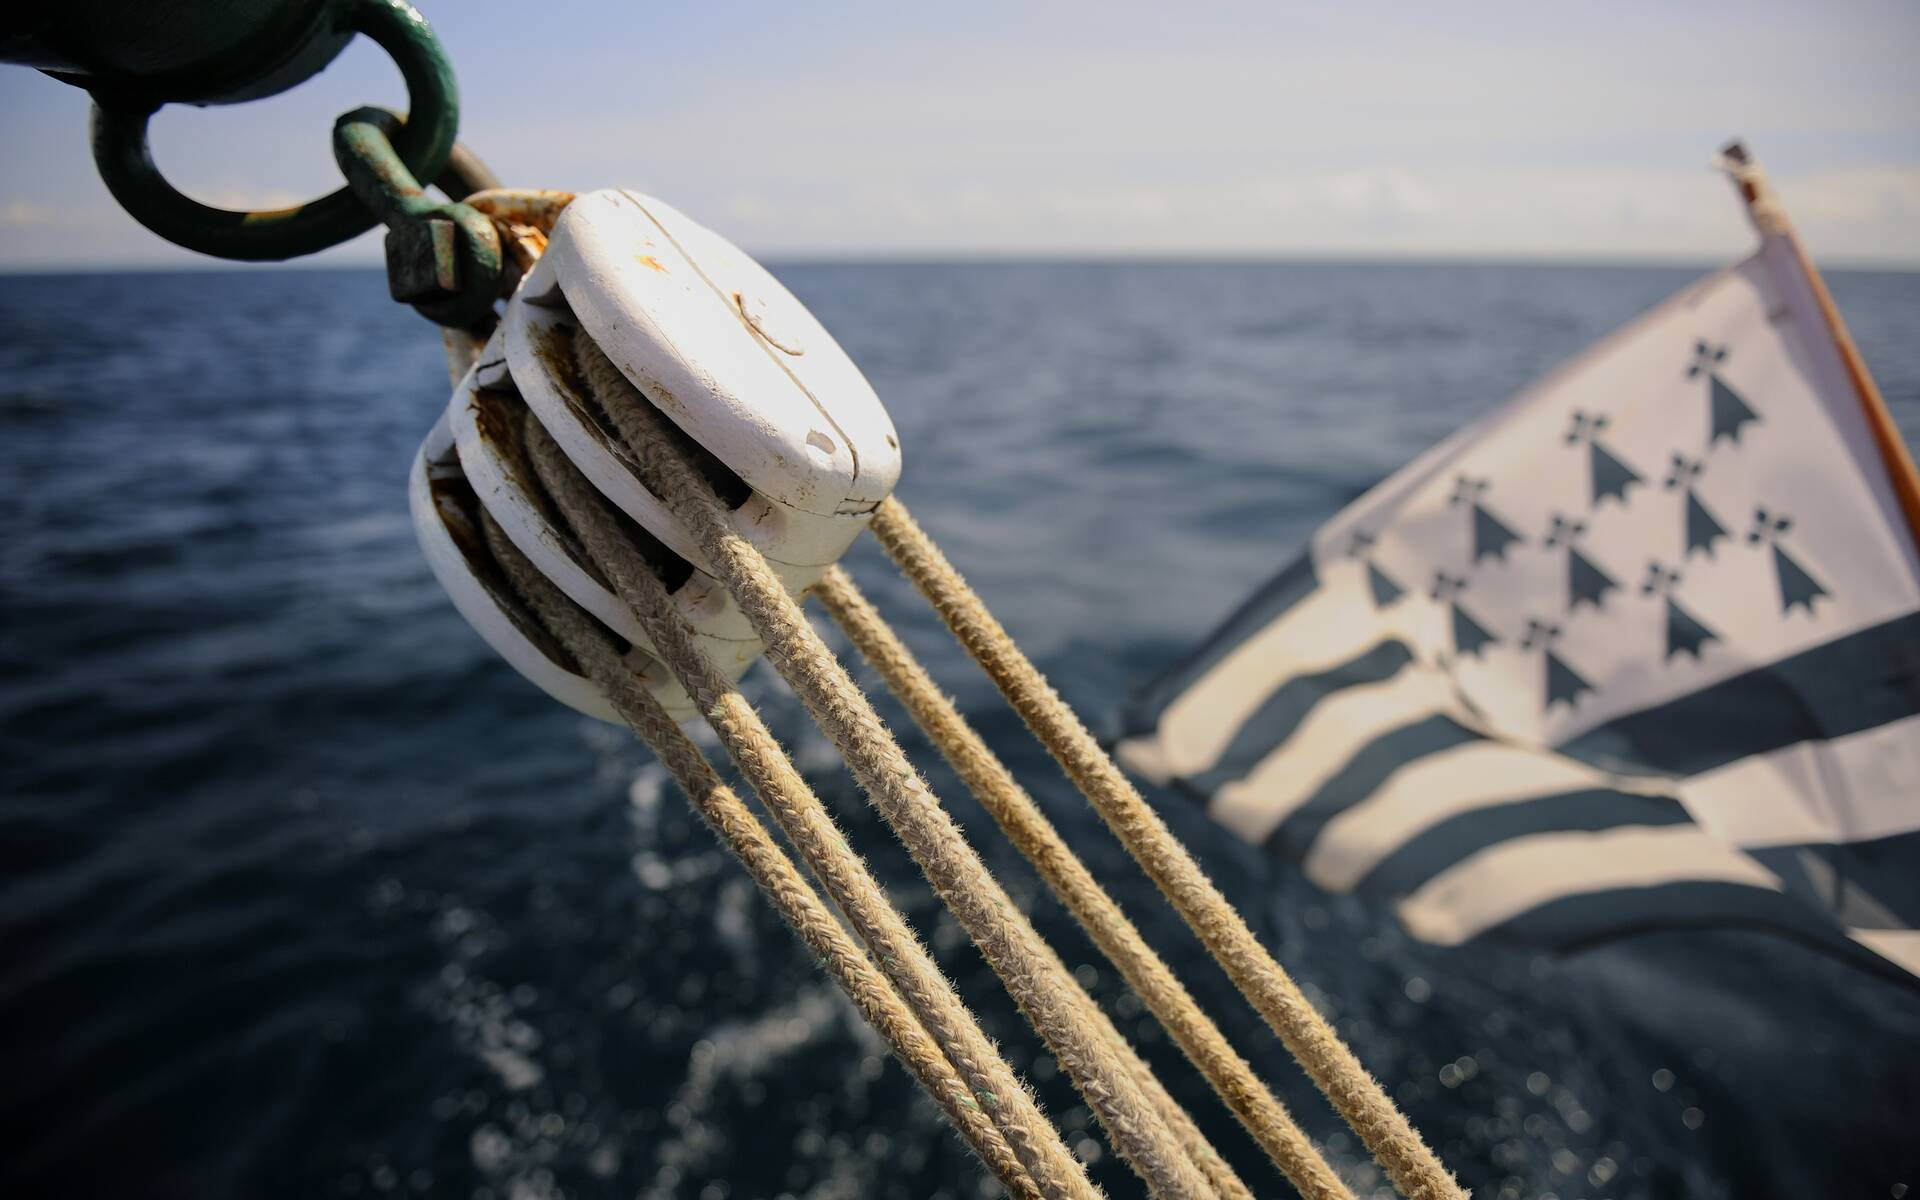 Détails du voilier traditionnel le Cap-Sizun, drapeau breton